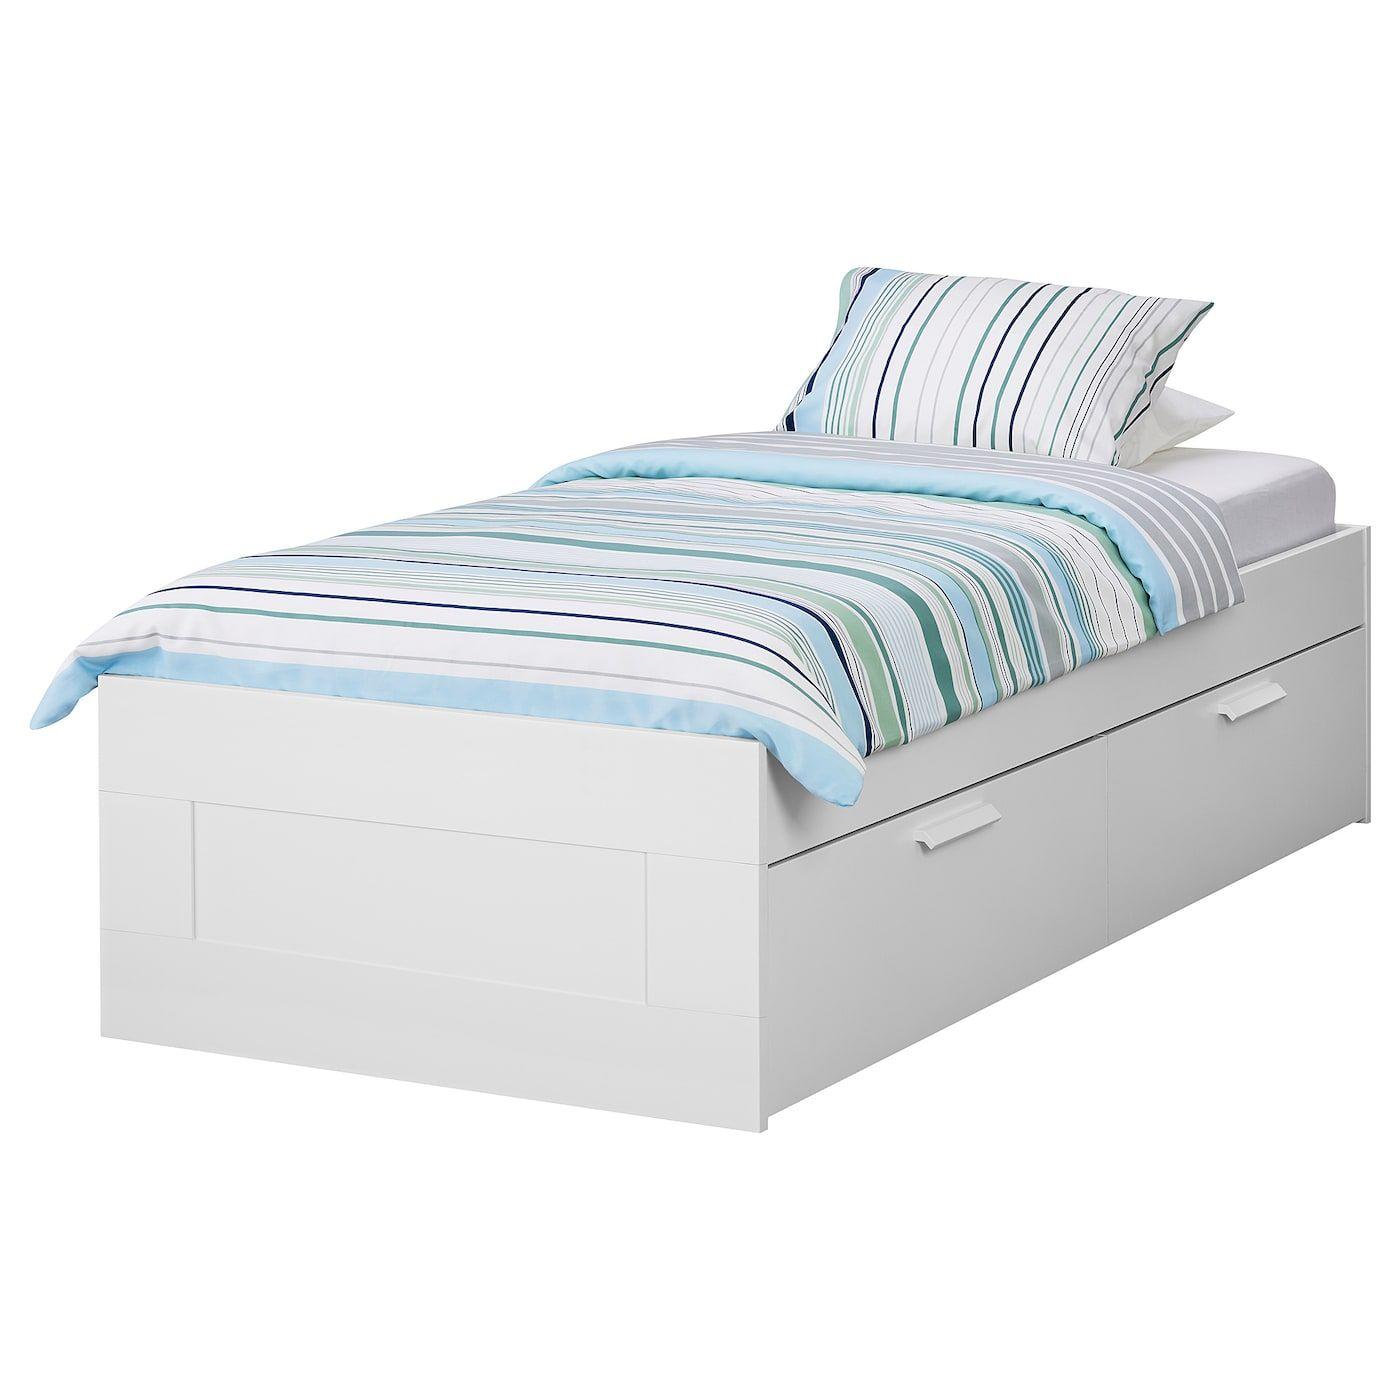 Brimnes Cadre Lit Avec Rangement Blanc 90x200 Cm Lit Rangement Cadre De Lit Rangement